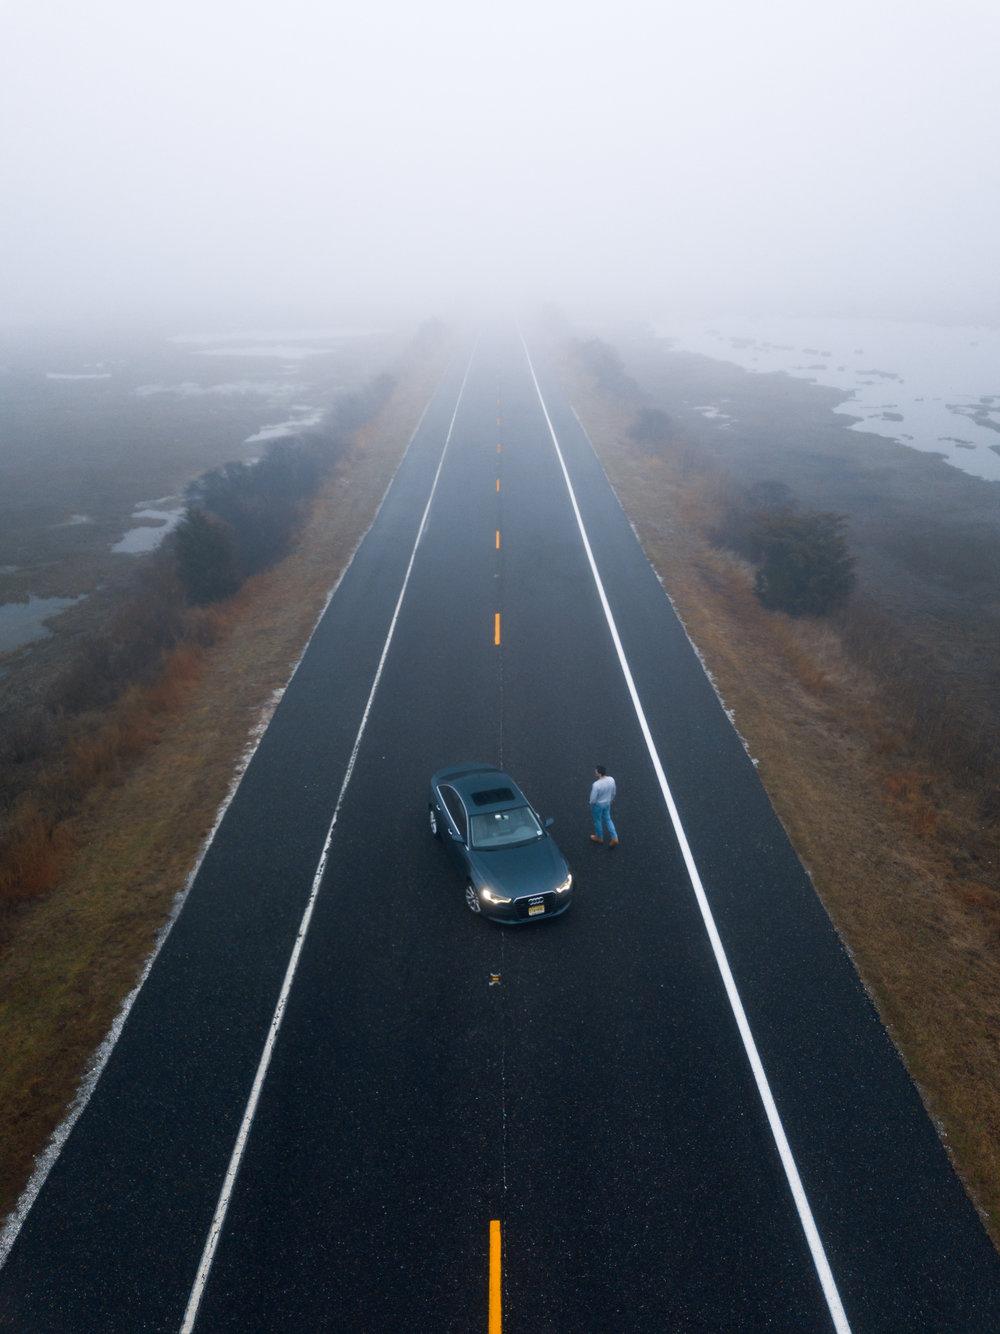 foggyroad_typoland_aerial.jpg